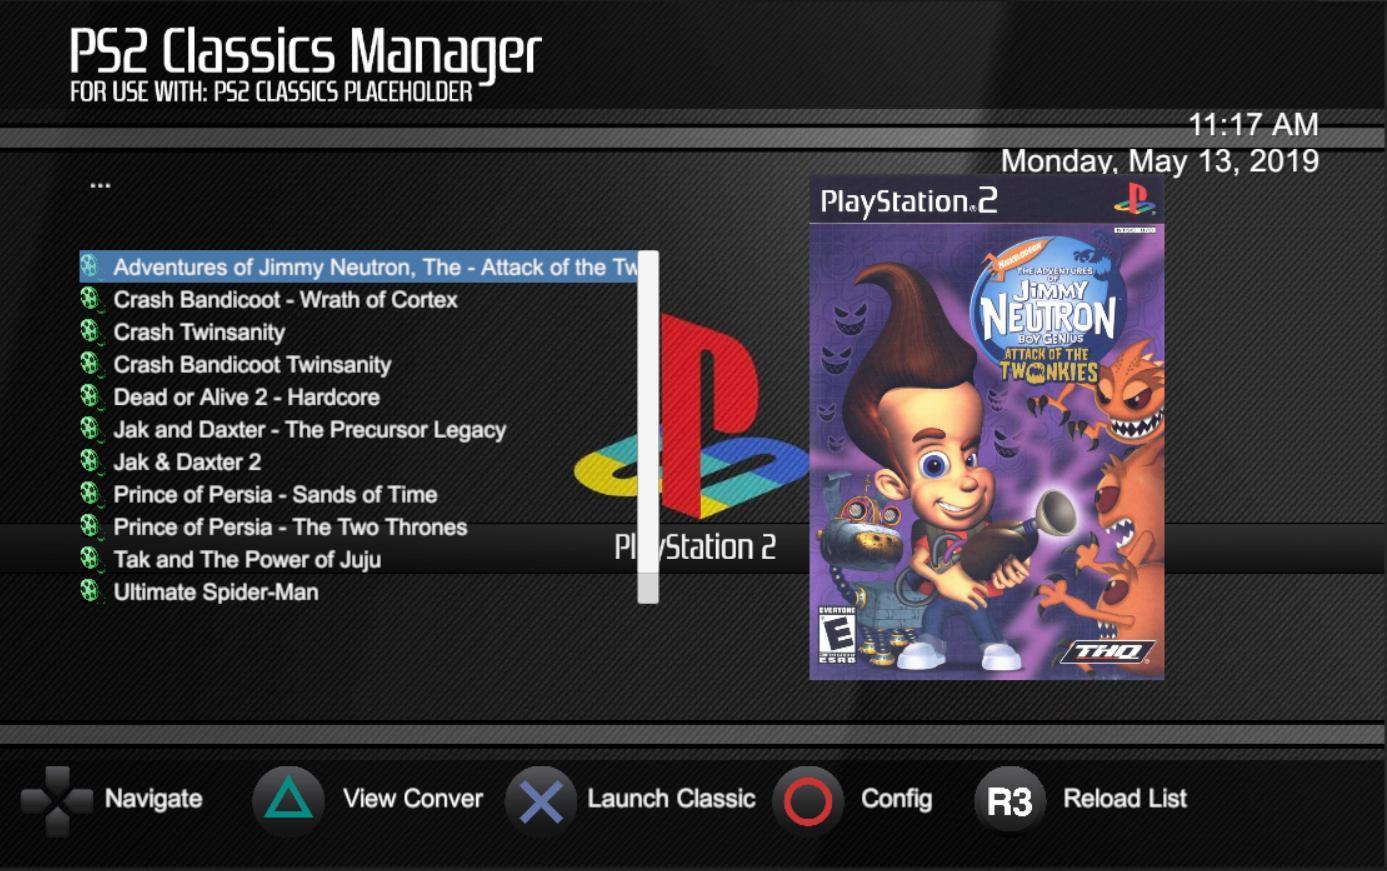 GitHub - xXxTheDarkprogramerxXx/PS2-Classics-Replacer: PS2